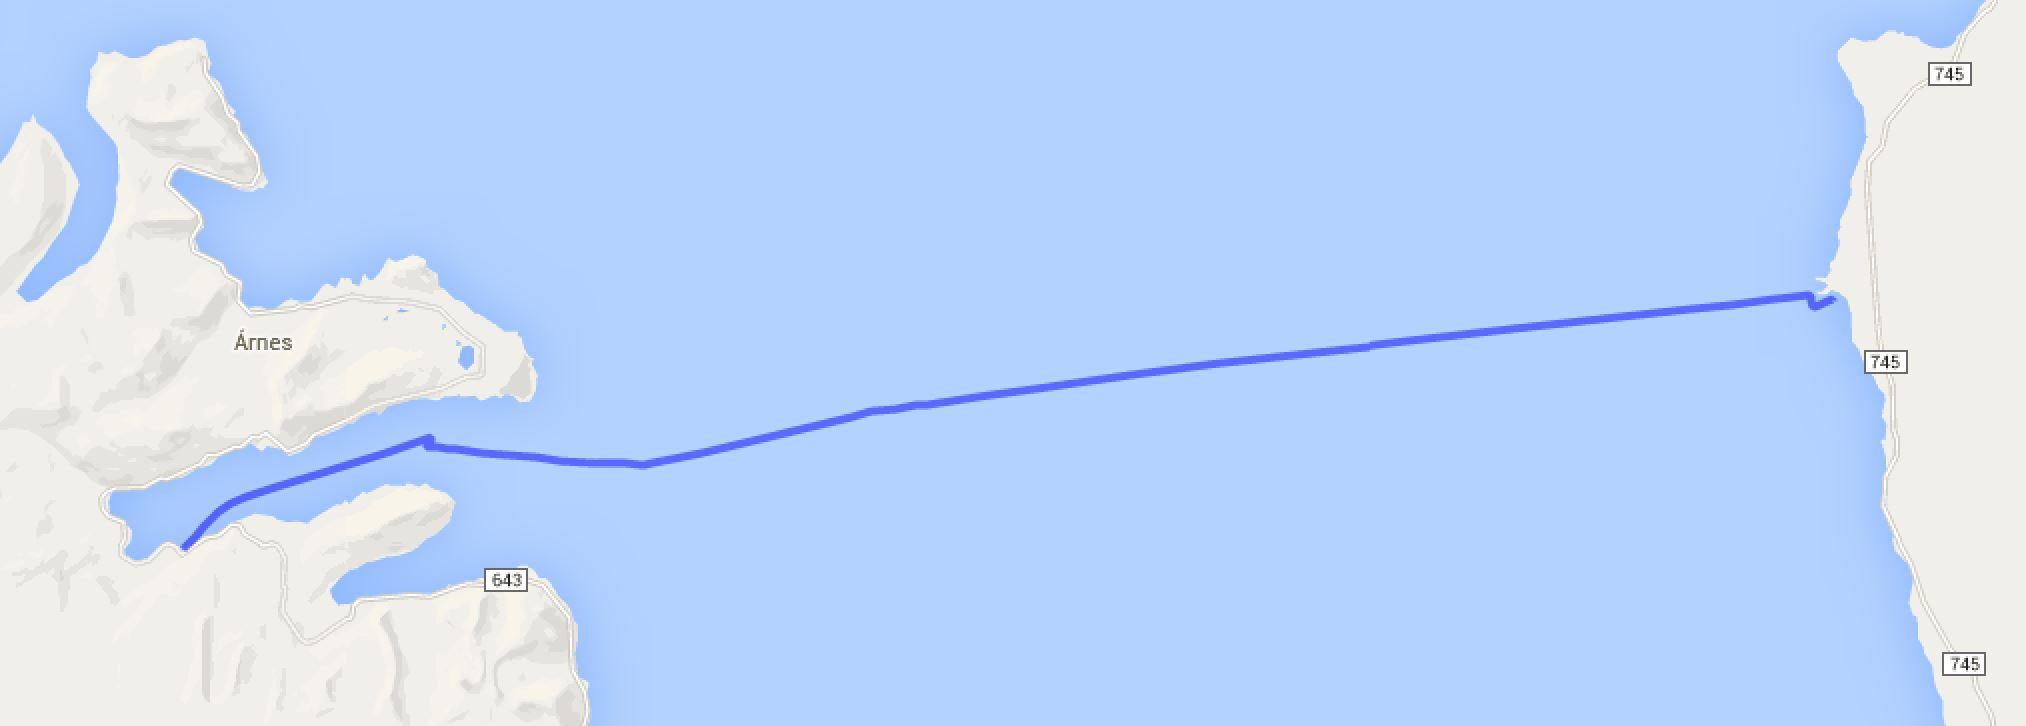 Kálfhamarsvík - Djúparvík